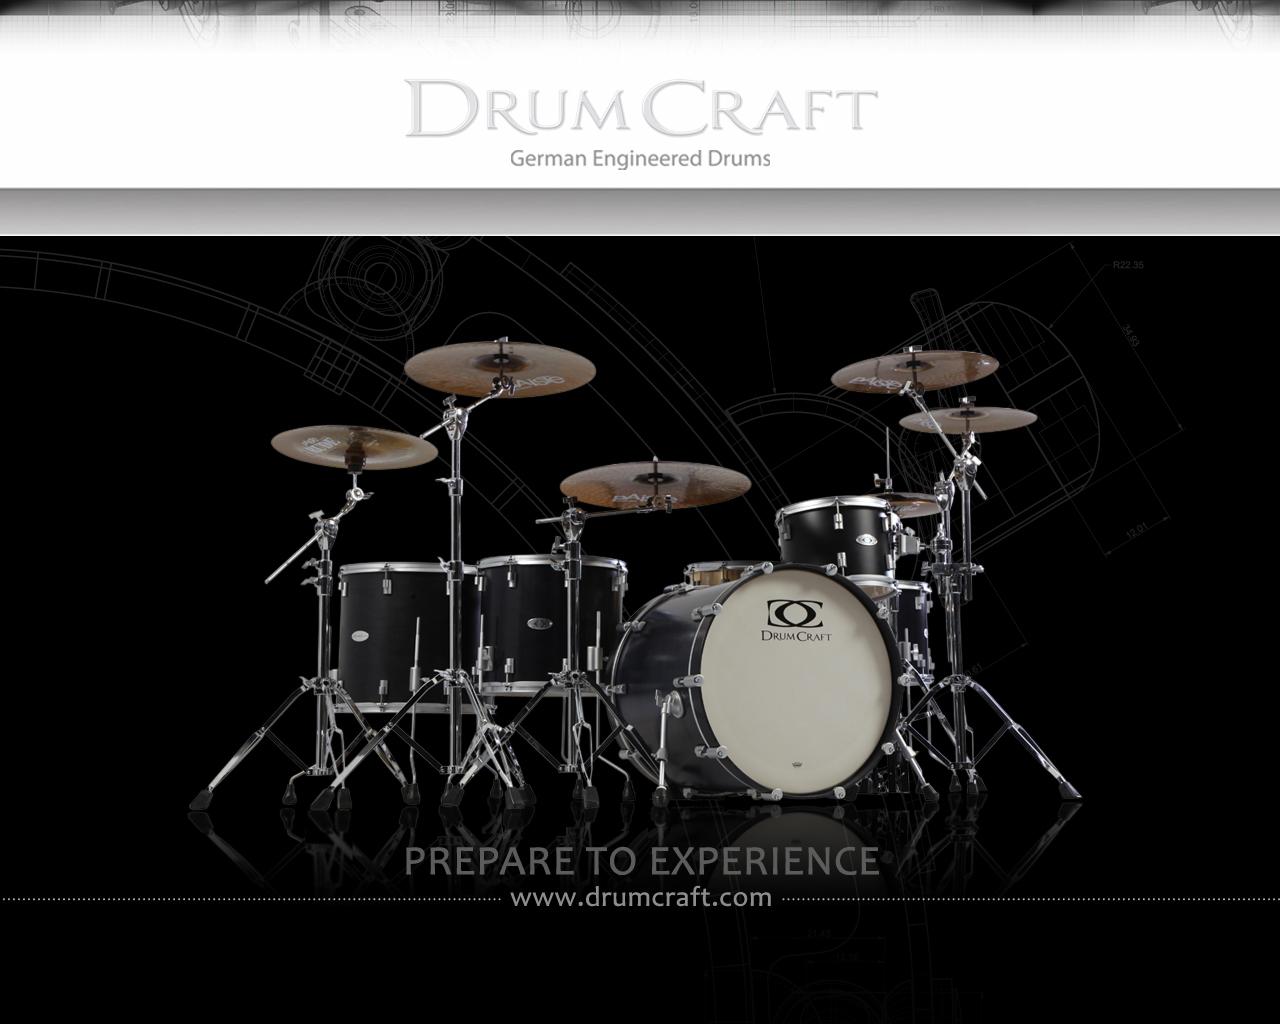 pearl drum iphone wallpaper